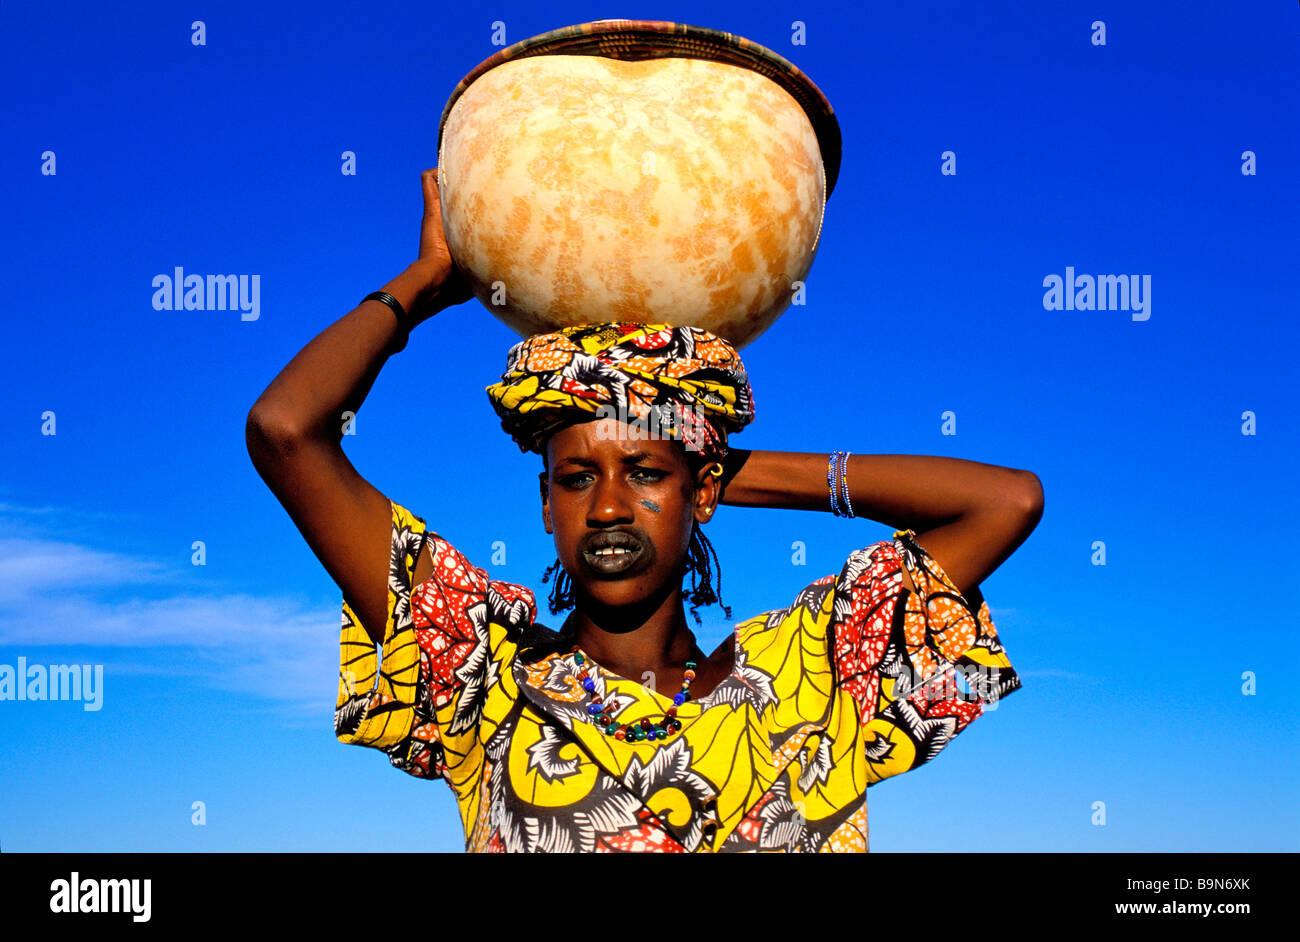 Malí, cerca de la región de Mopti, Djenne, Senossa village, Fula mujer Foto de stock